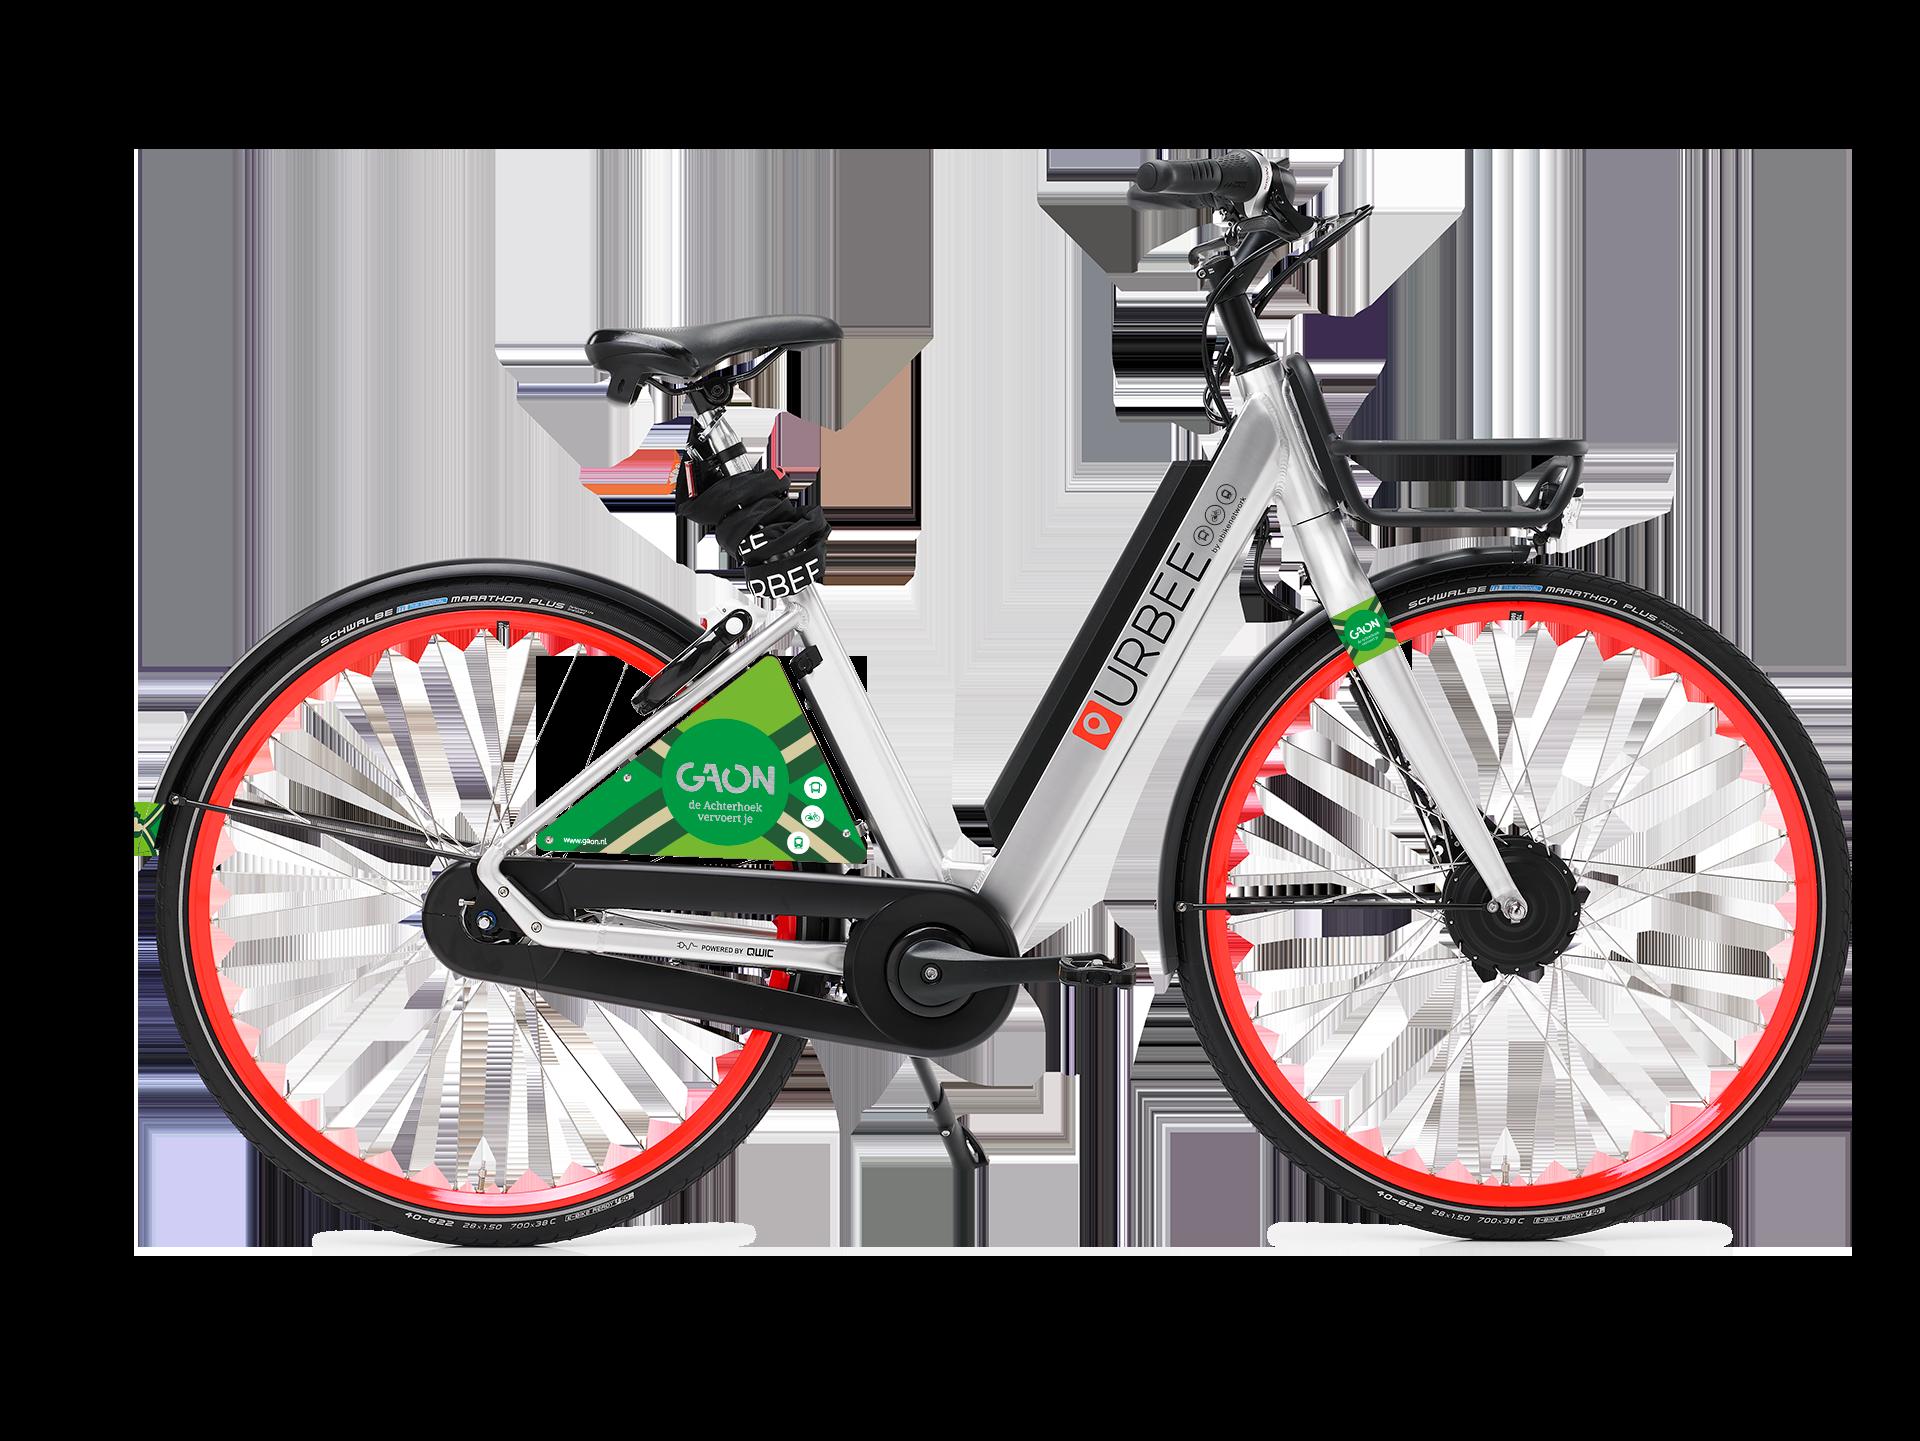 Gaon Urrbee e-bike